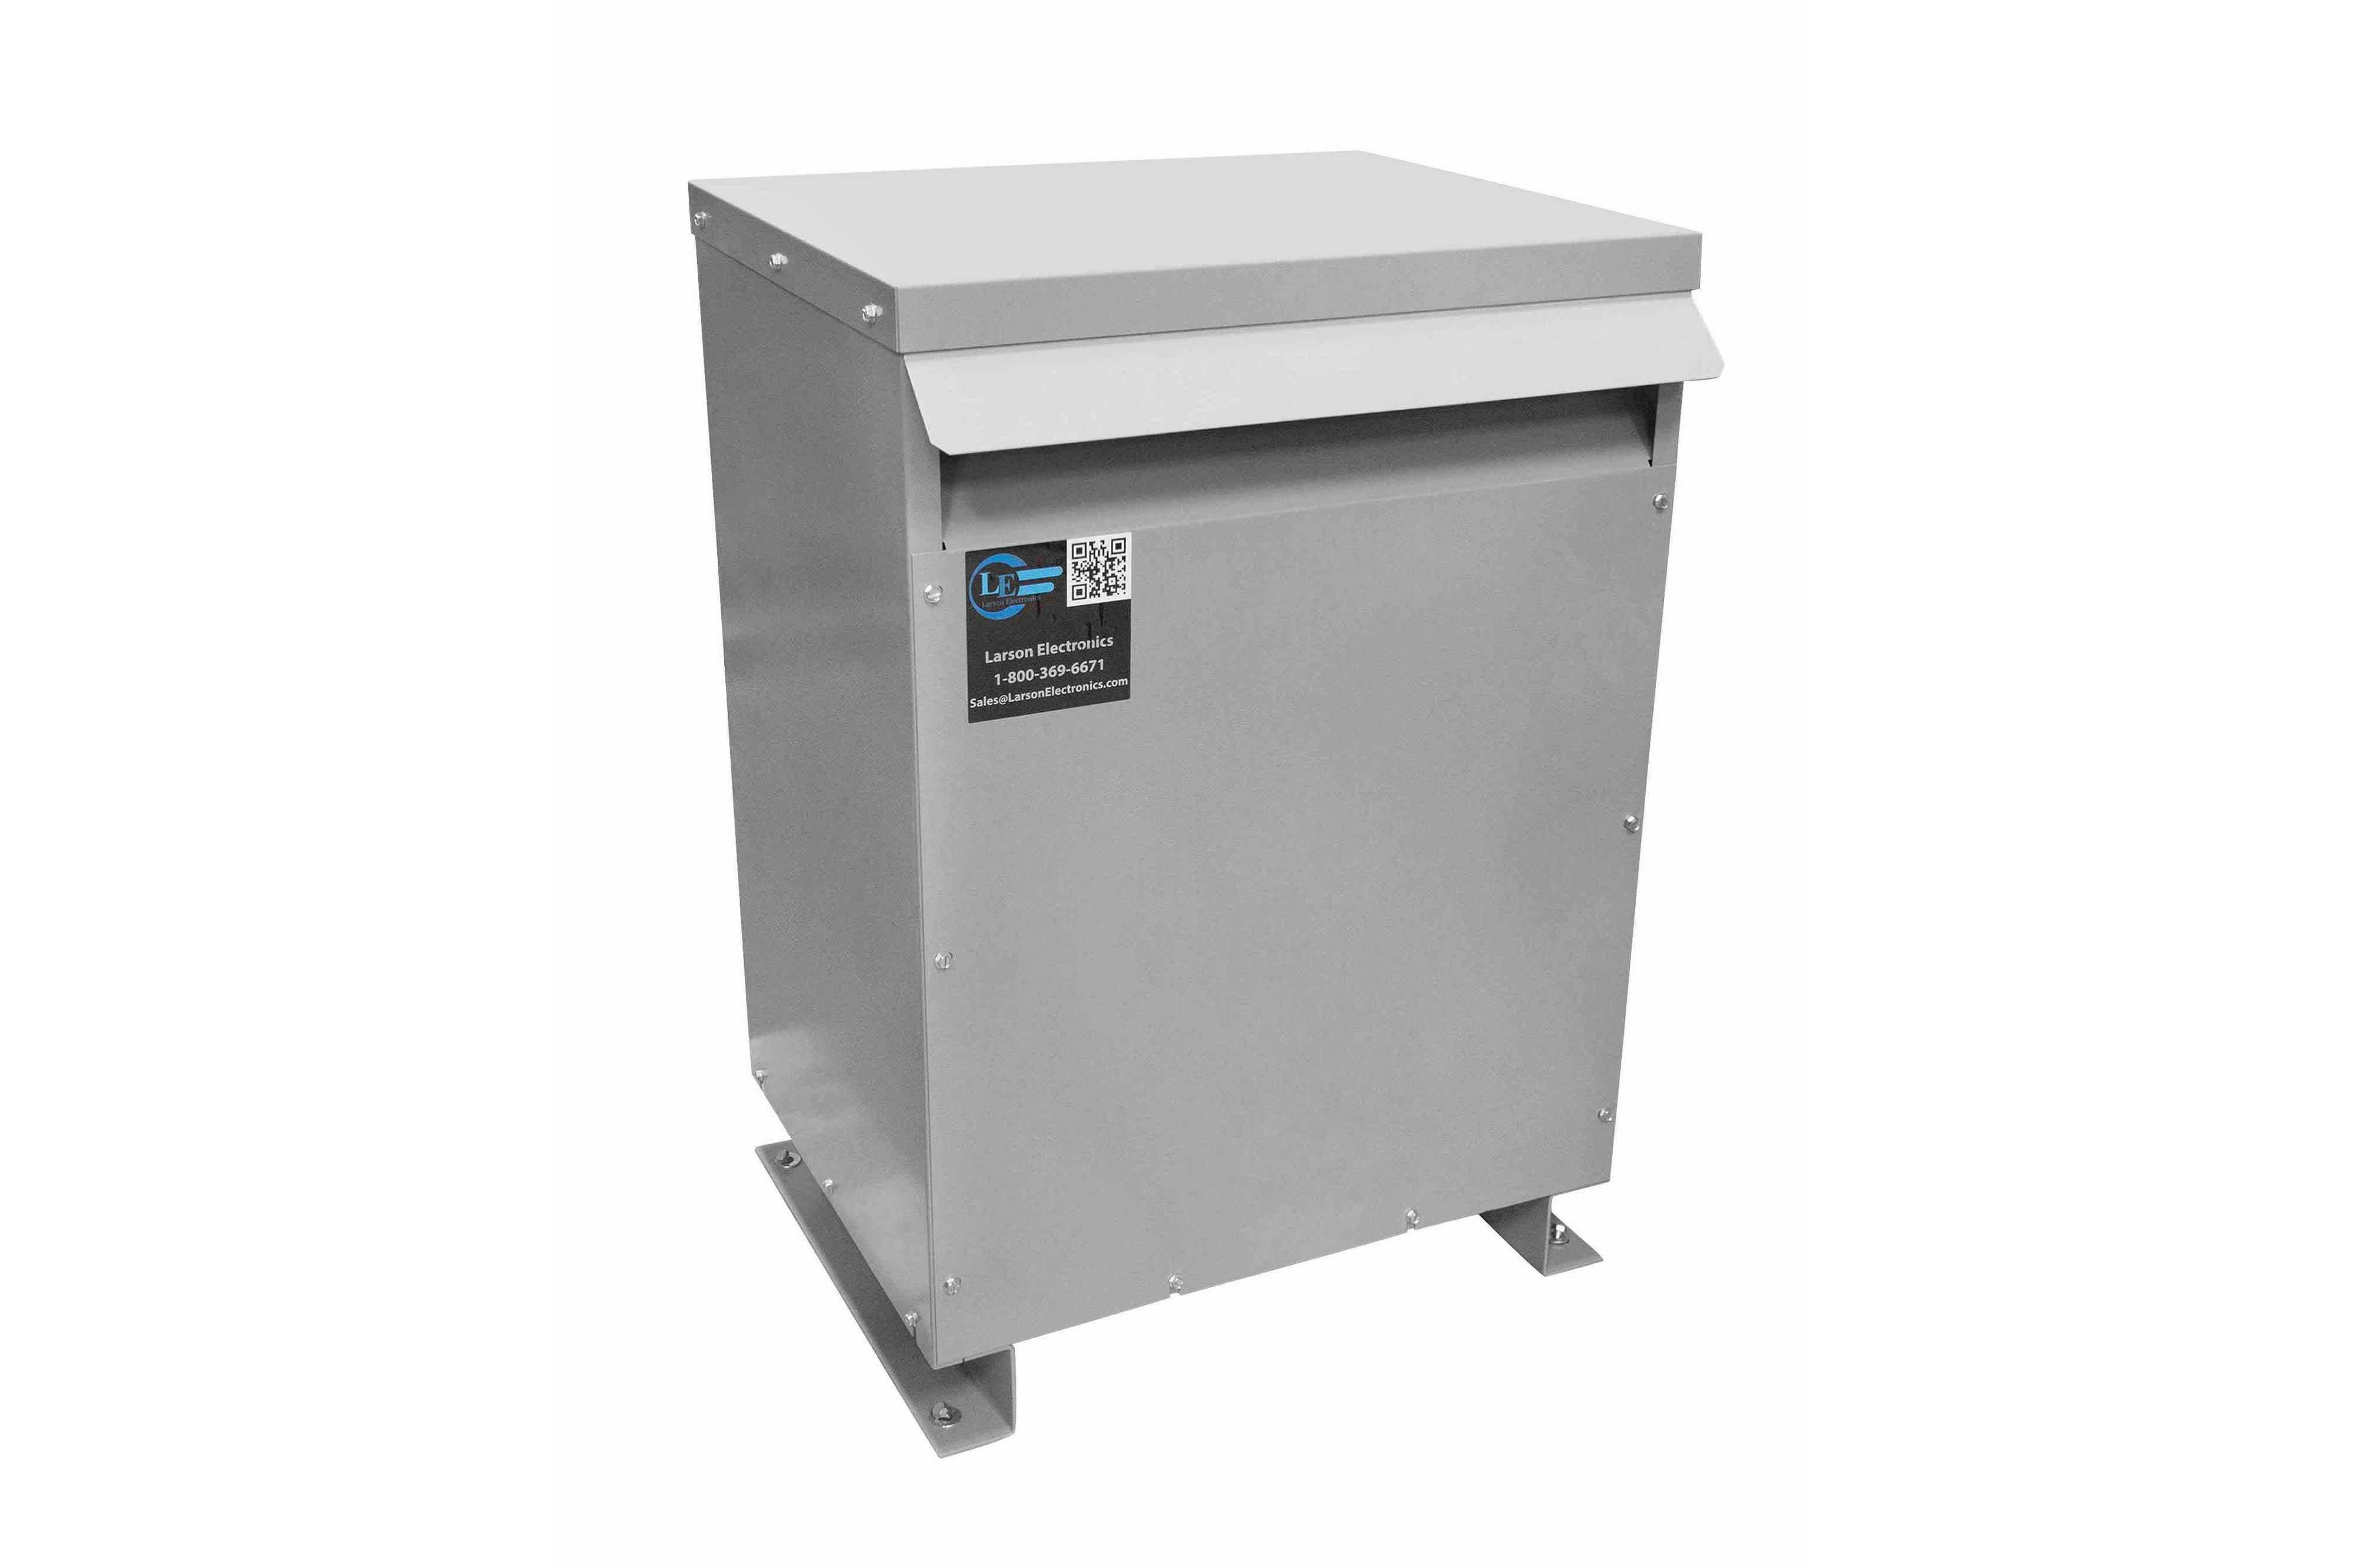 12 kVA 3PH Isolation Transformer, 415V Delta Primary, 480V Delta Secondary, N3R, Ventilated, 60 Hz